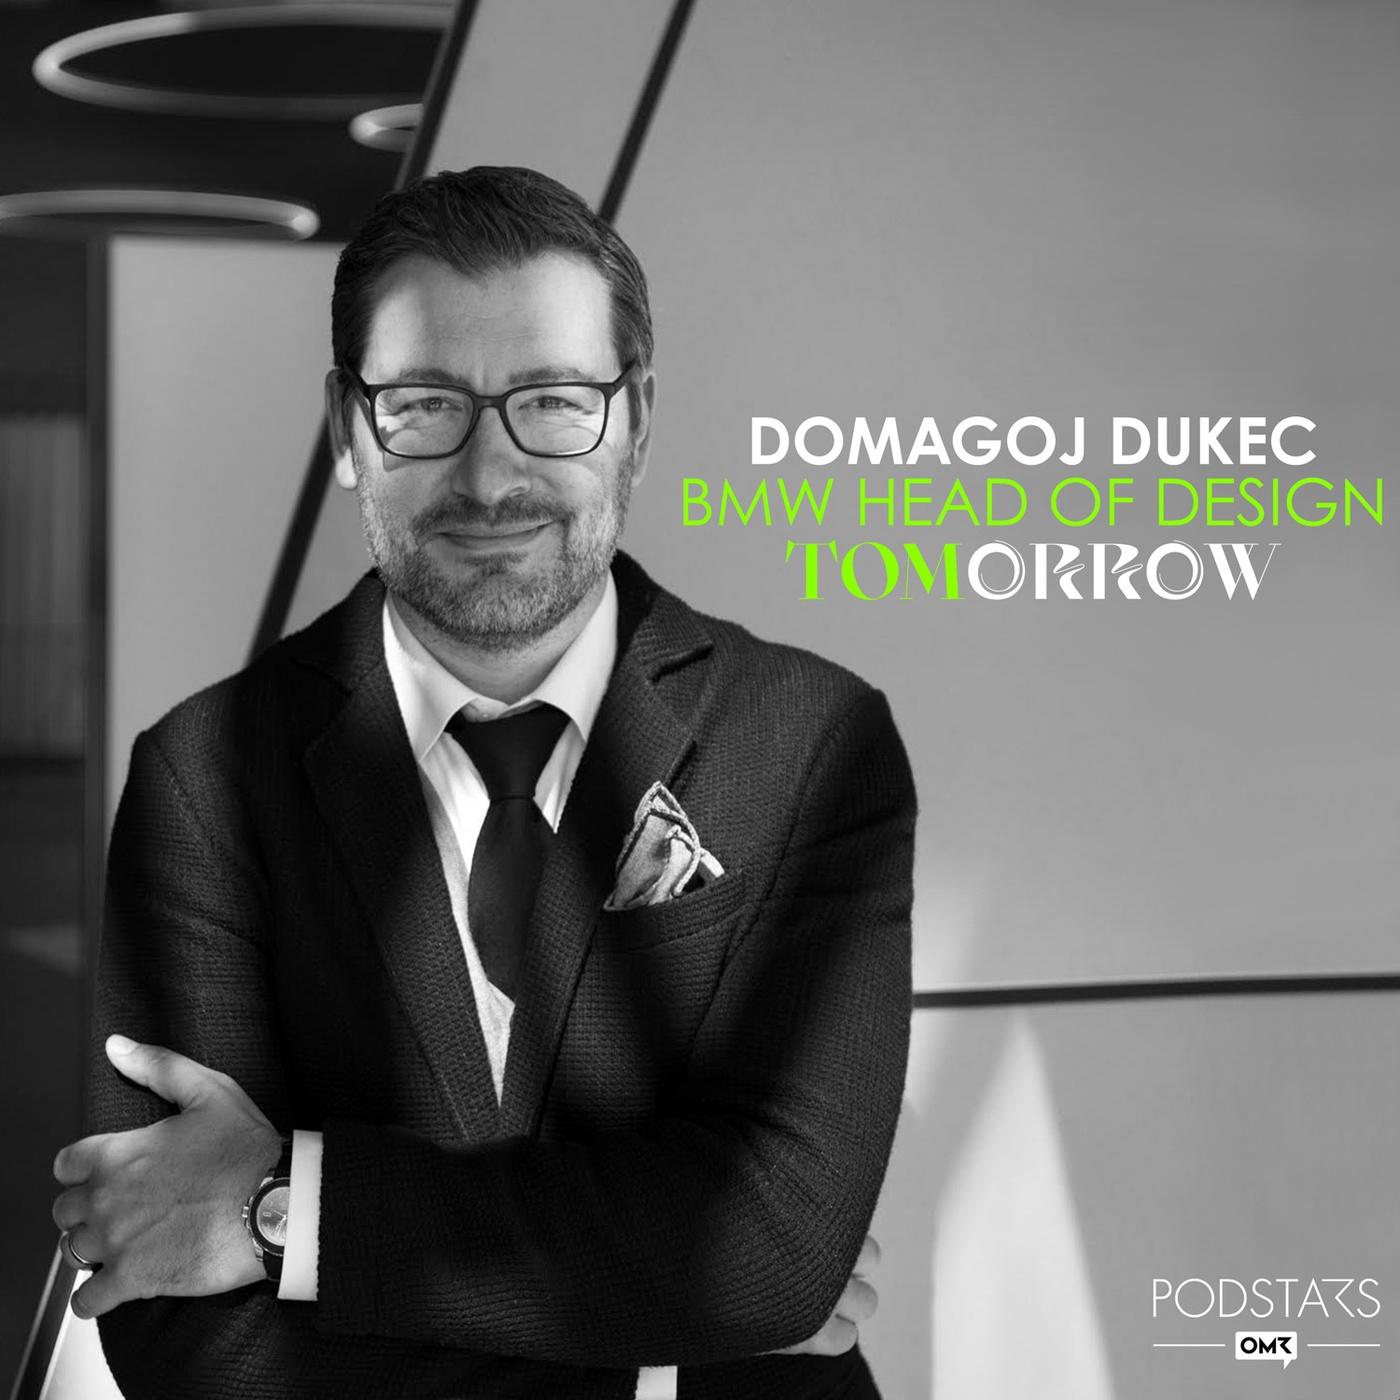 Das nachhaltigste Auto der Welt – mit Domagoj Dukec, Head of Design BMW